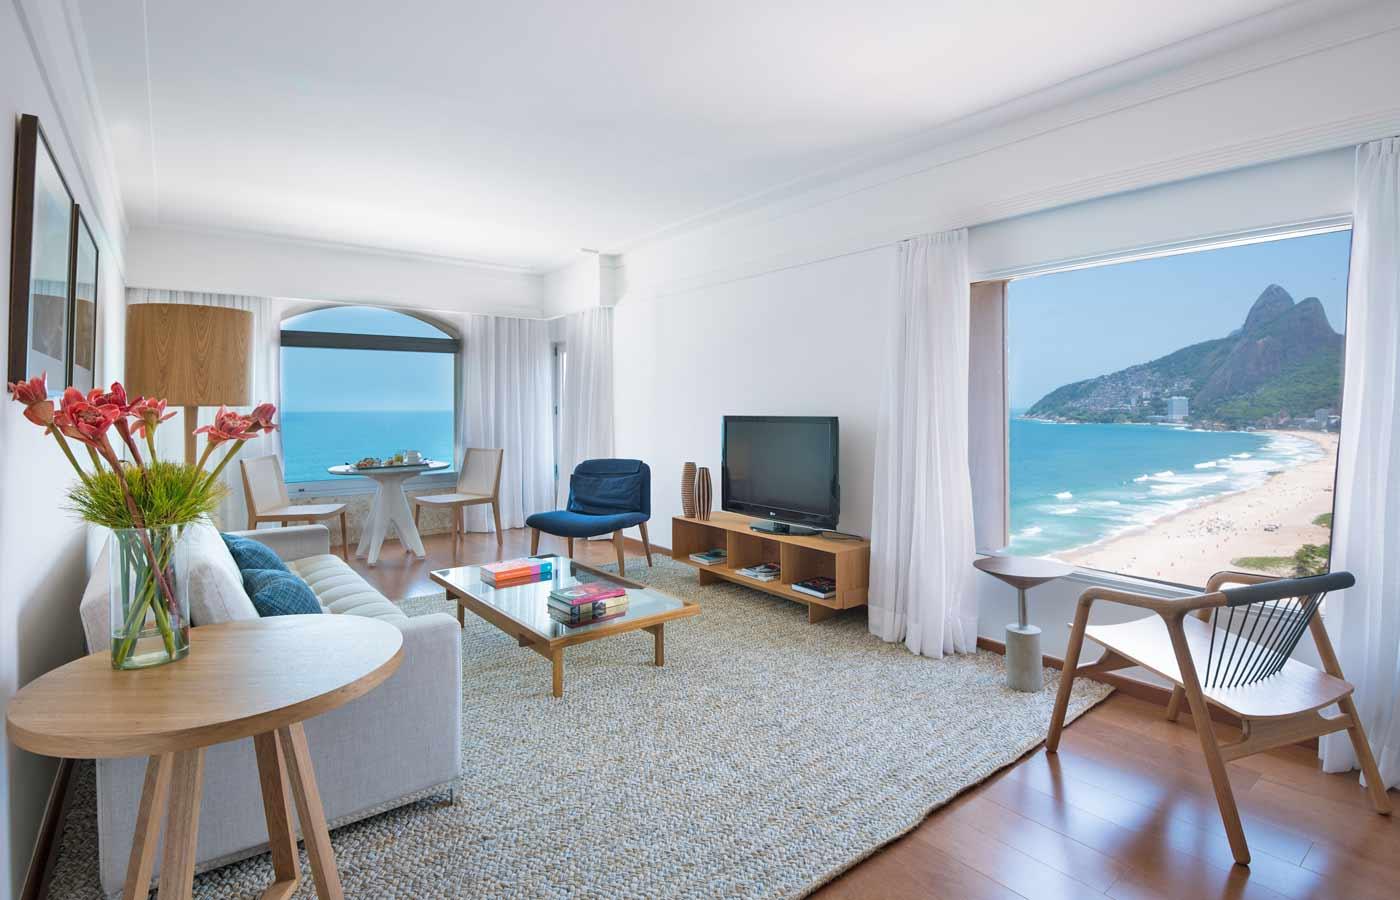 Sofitel Ipanema - Luxury holidays to Rio de Janeiro, Brazil